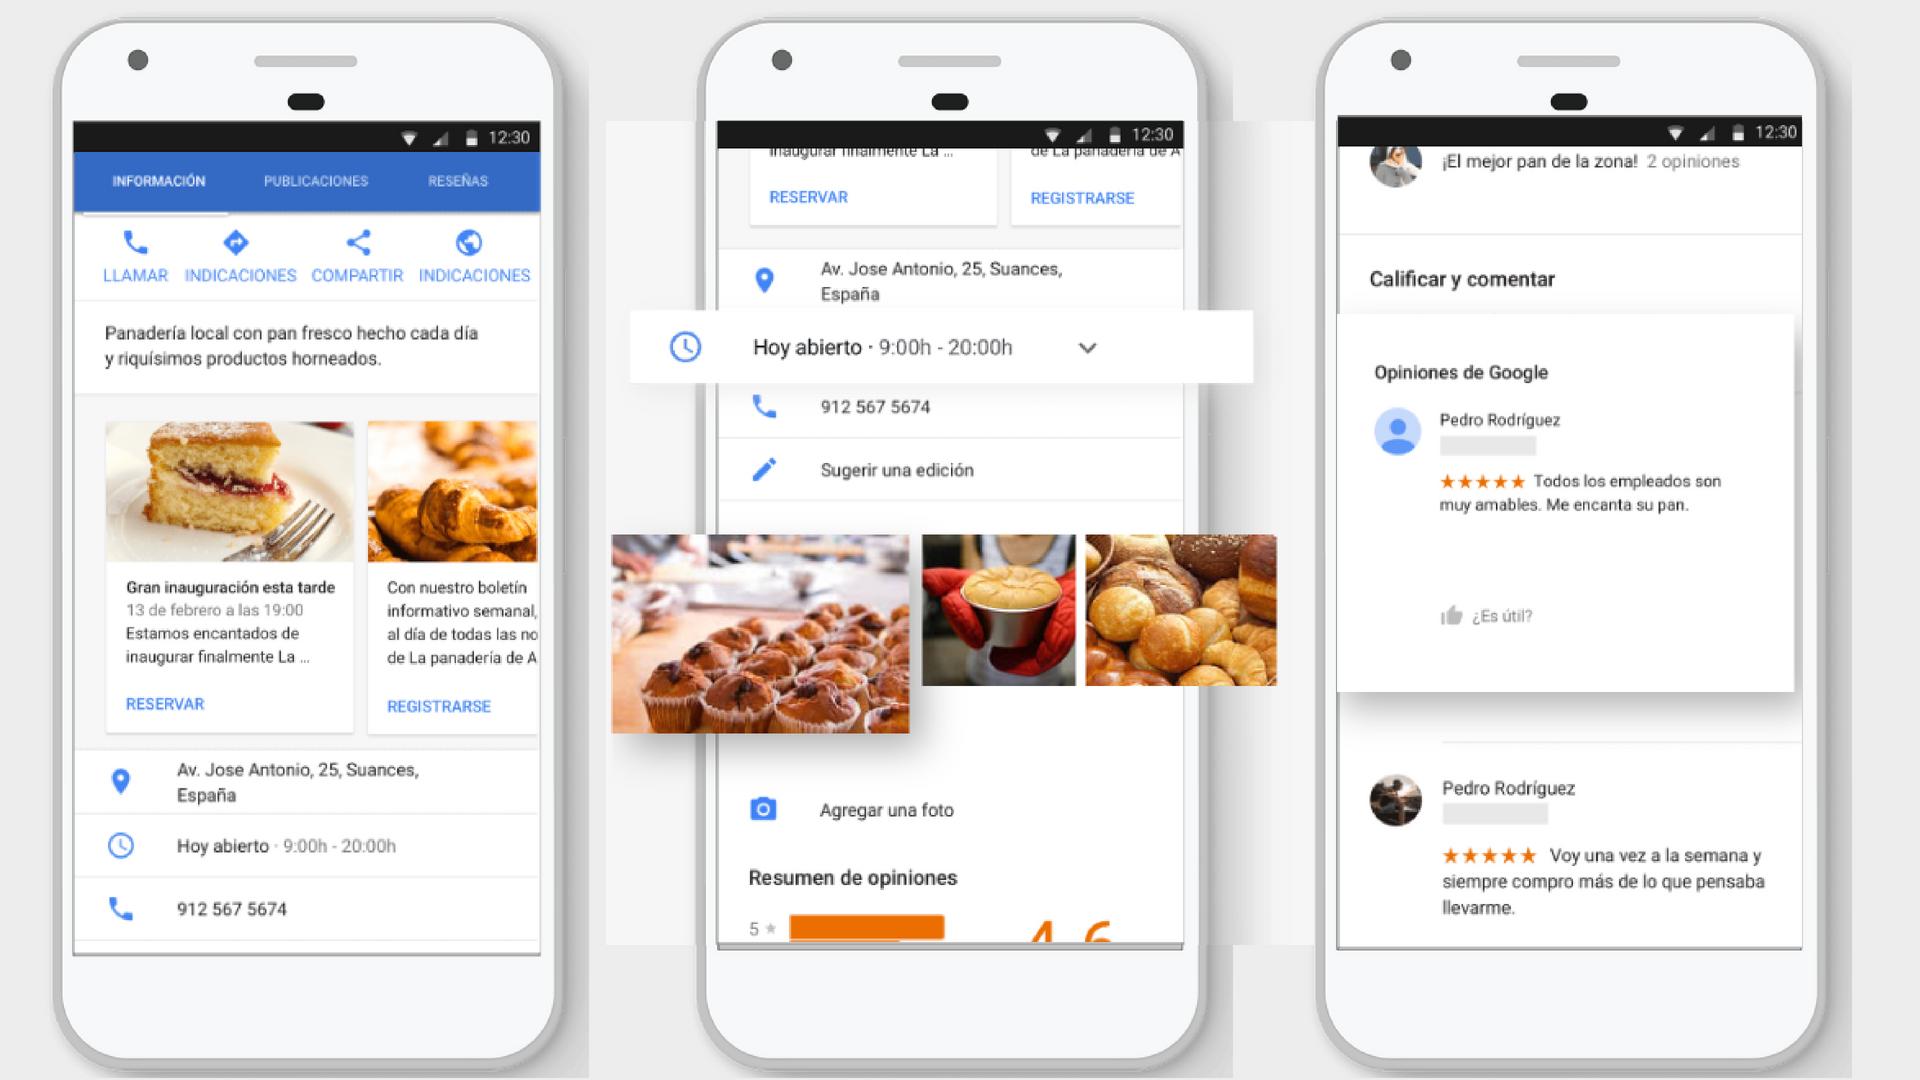 Cómo Publico Mi Negocio En Google Maps Empresa En Google